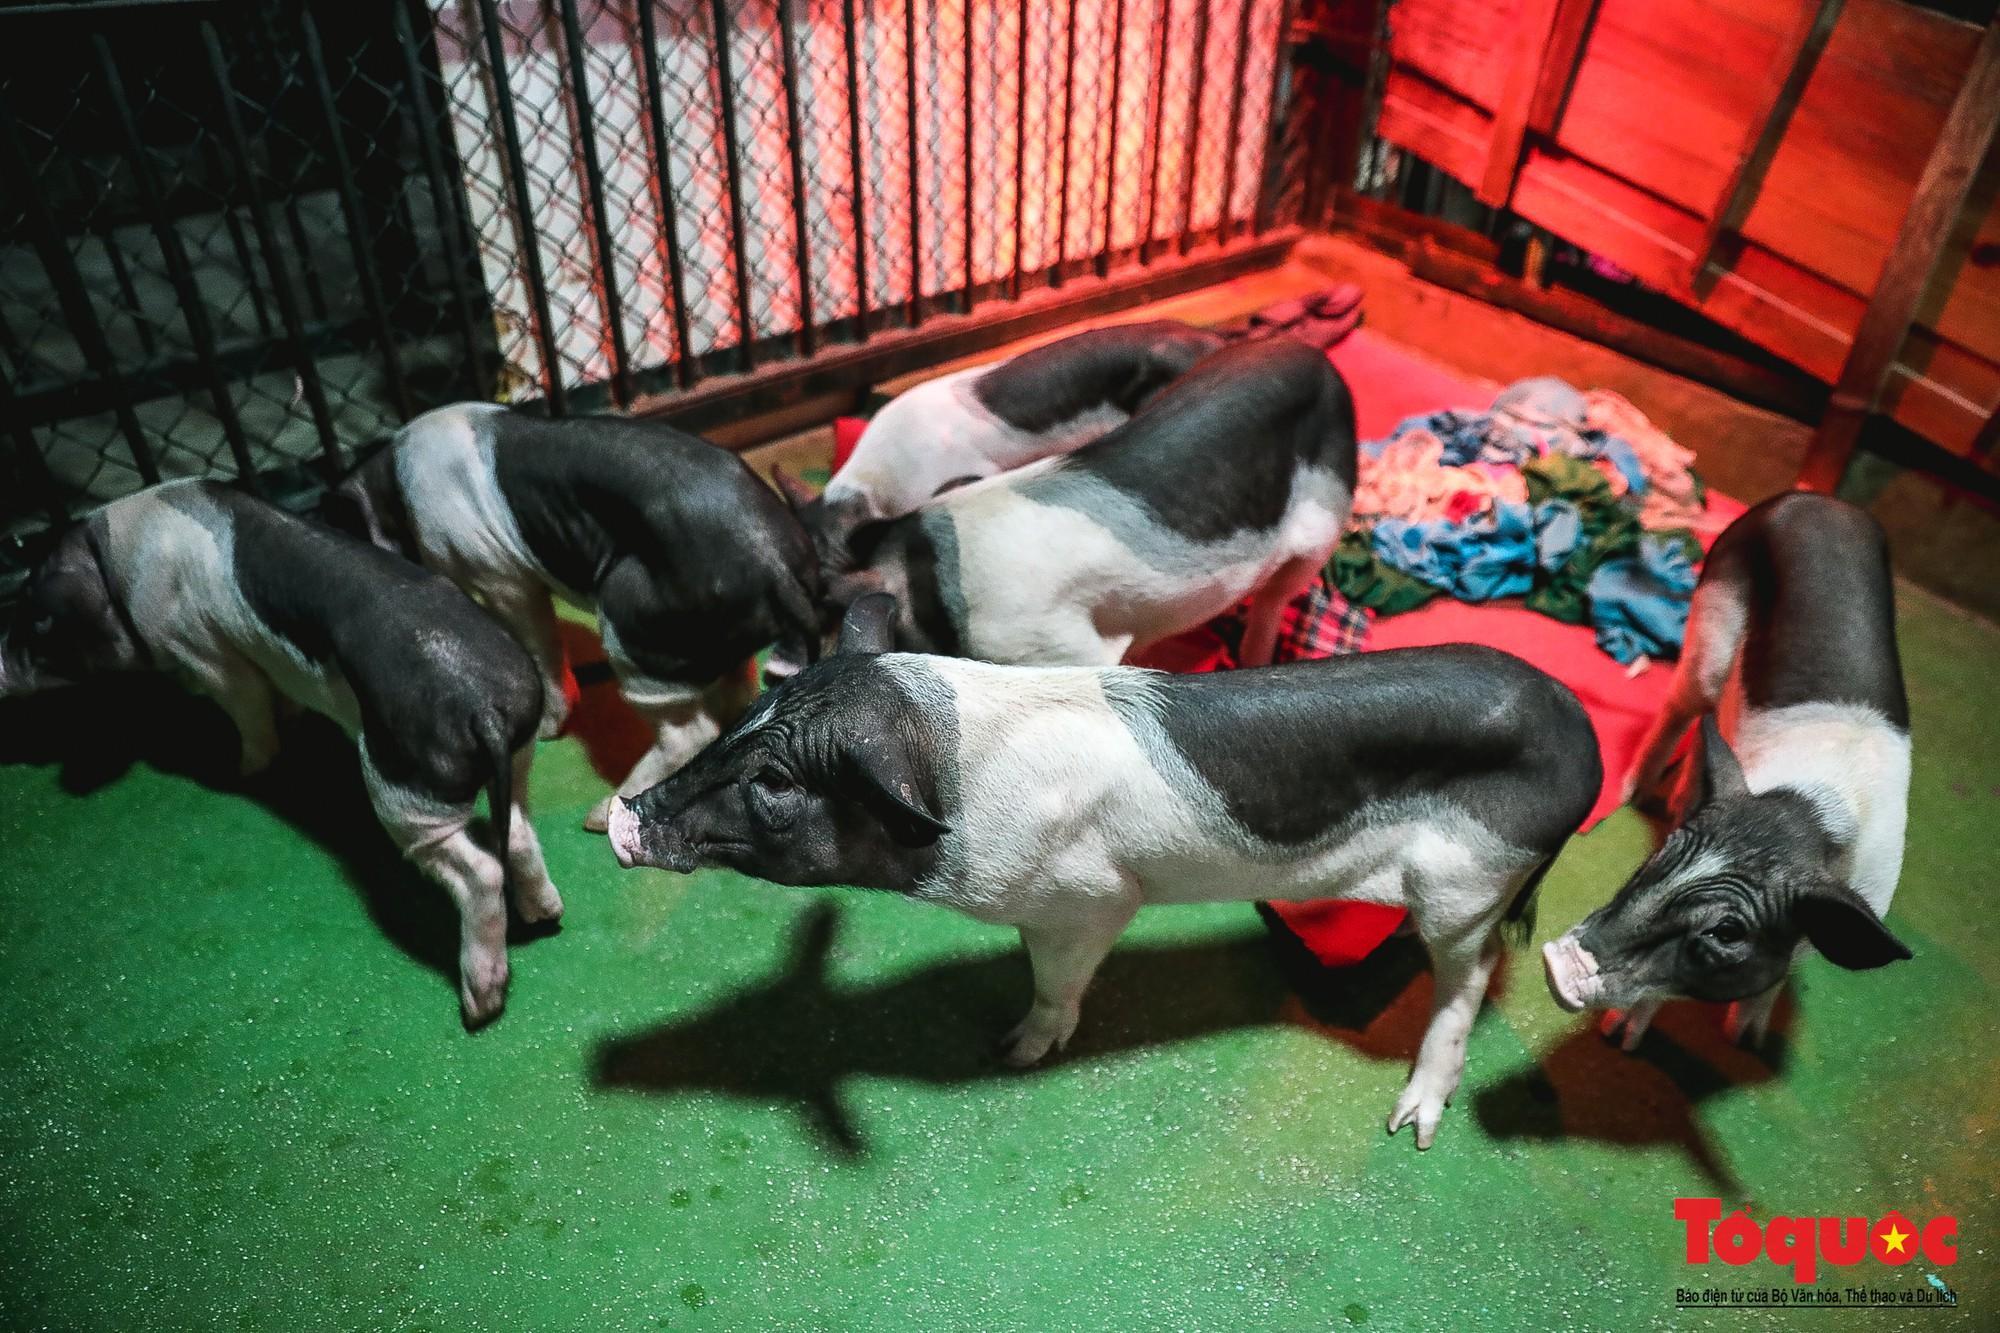 Năm Kỷ Hợi: Cùng khám phá nơi huấn luyện xiếc lợn đầu tiên của Việt Nam - Ảnh 12.